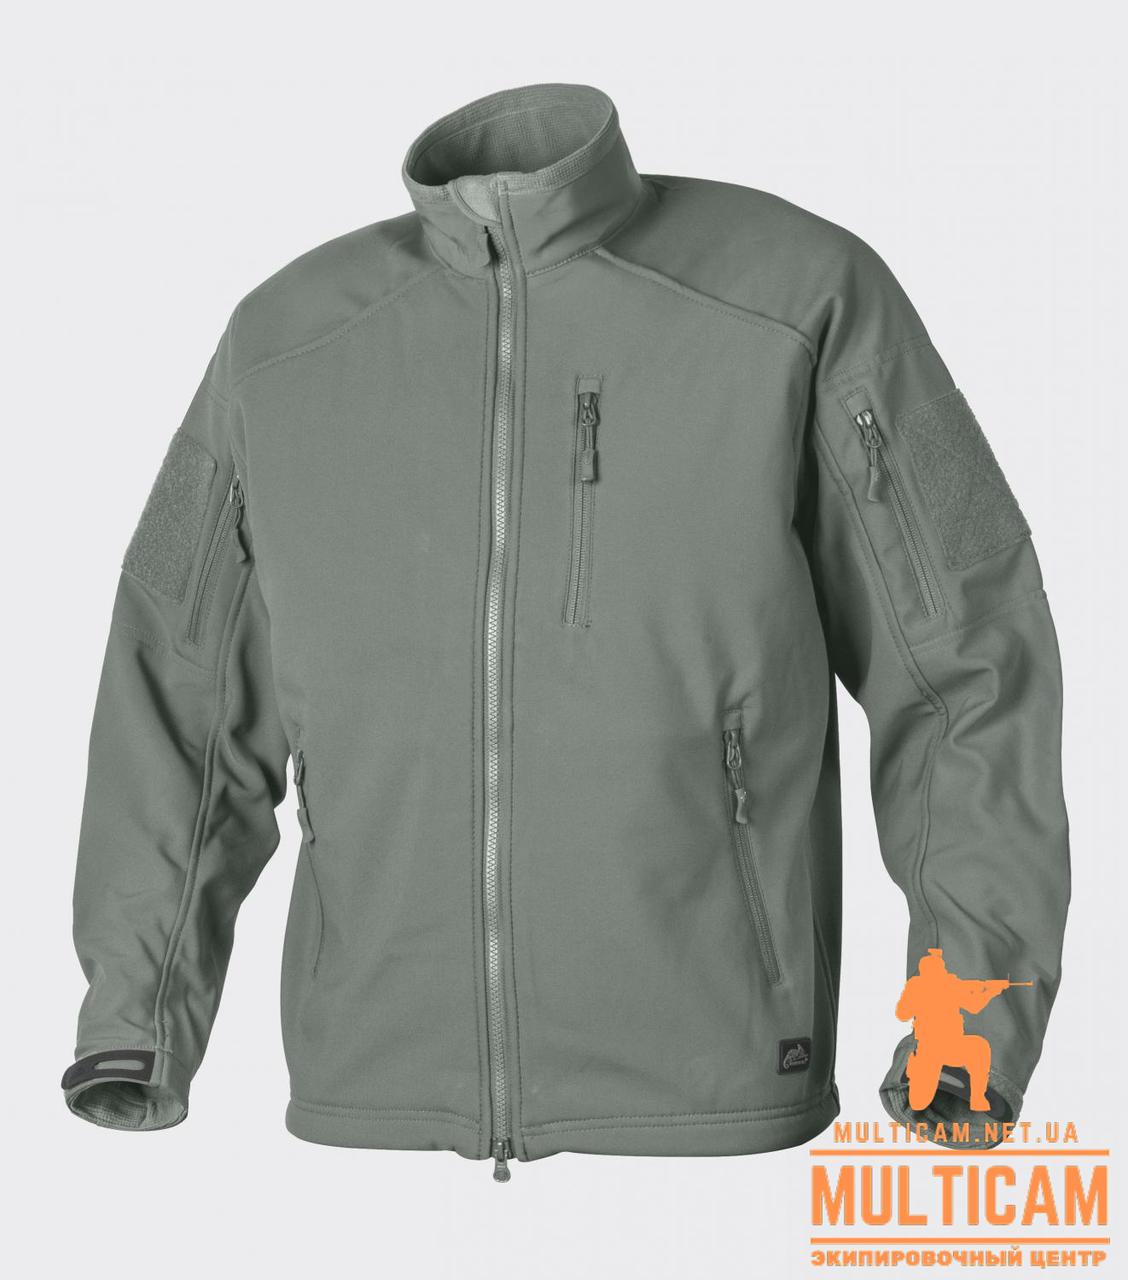 Куртка Soft Shell Helikon-Tex® Delta Tac Jacket - Foliage Green